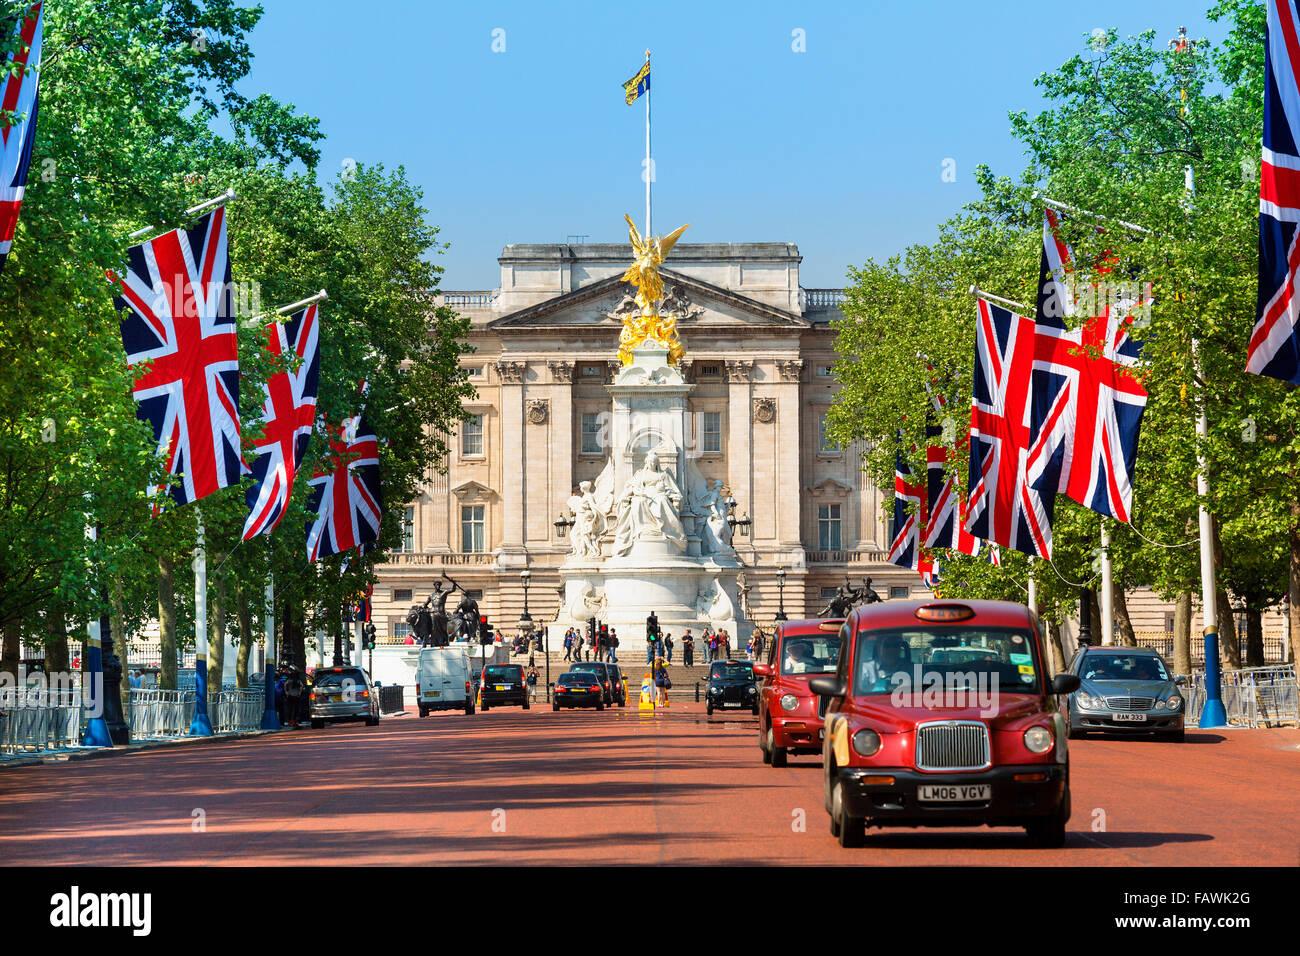 London, Buckingham Palace - Stock Image